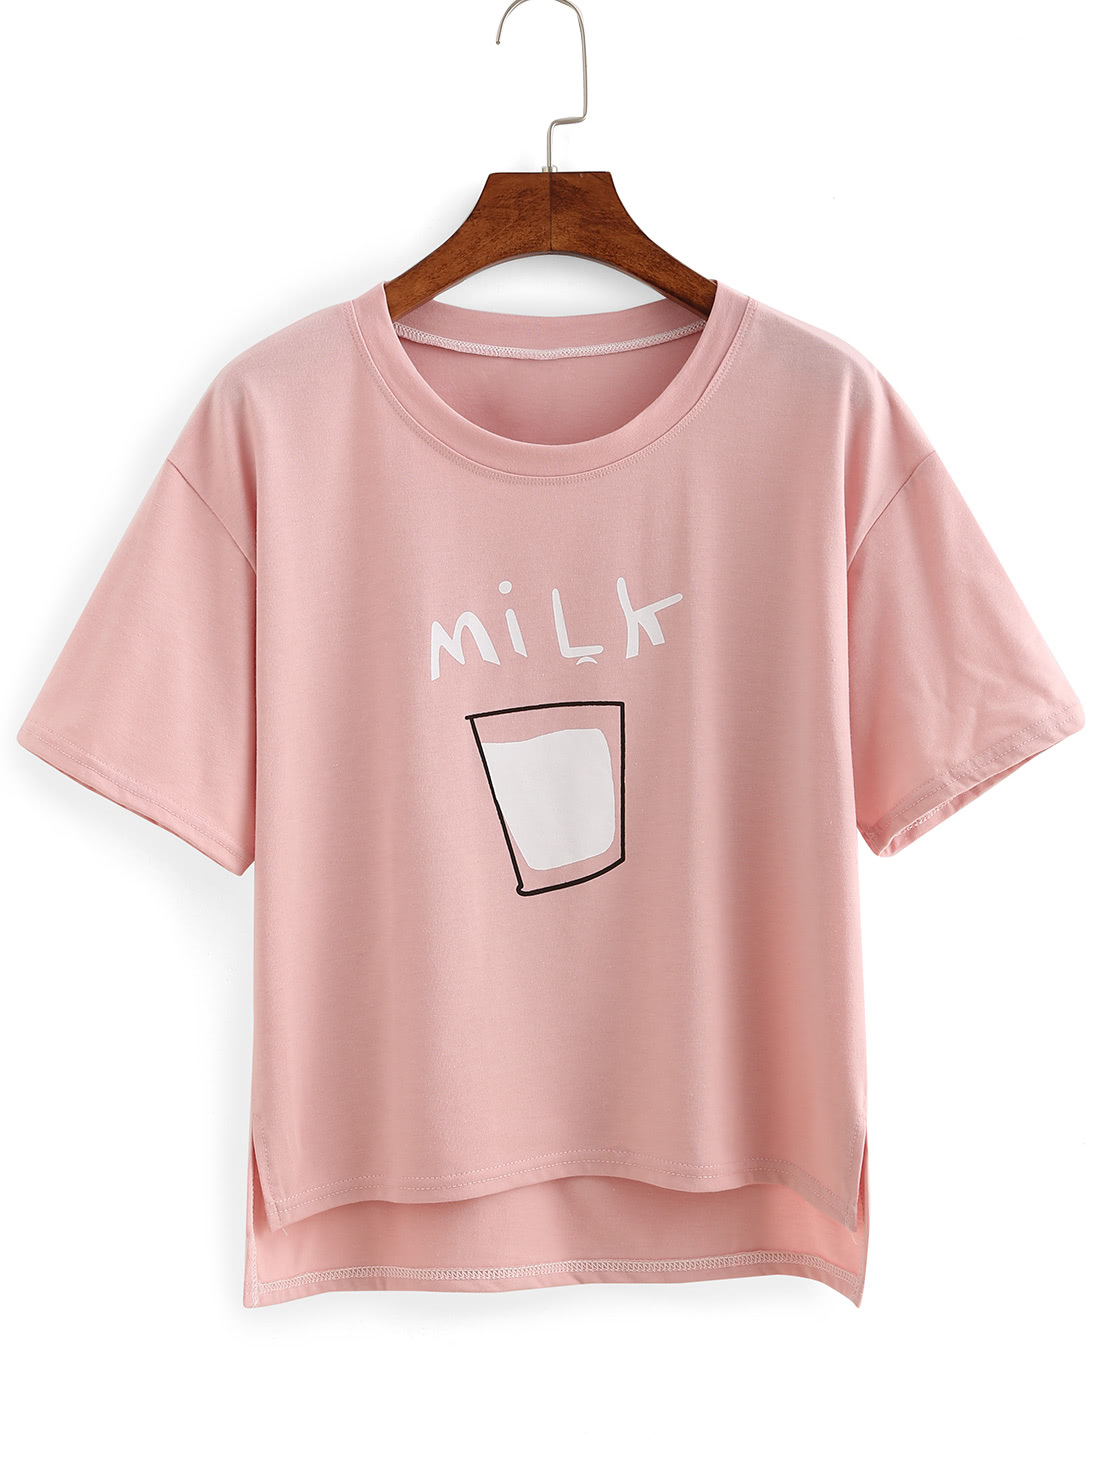 Drop Shoulder Milk Print High-Low T-shirt